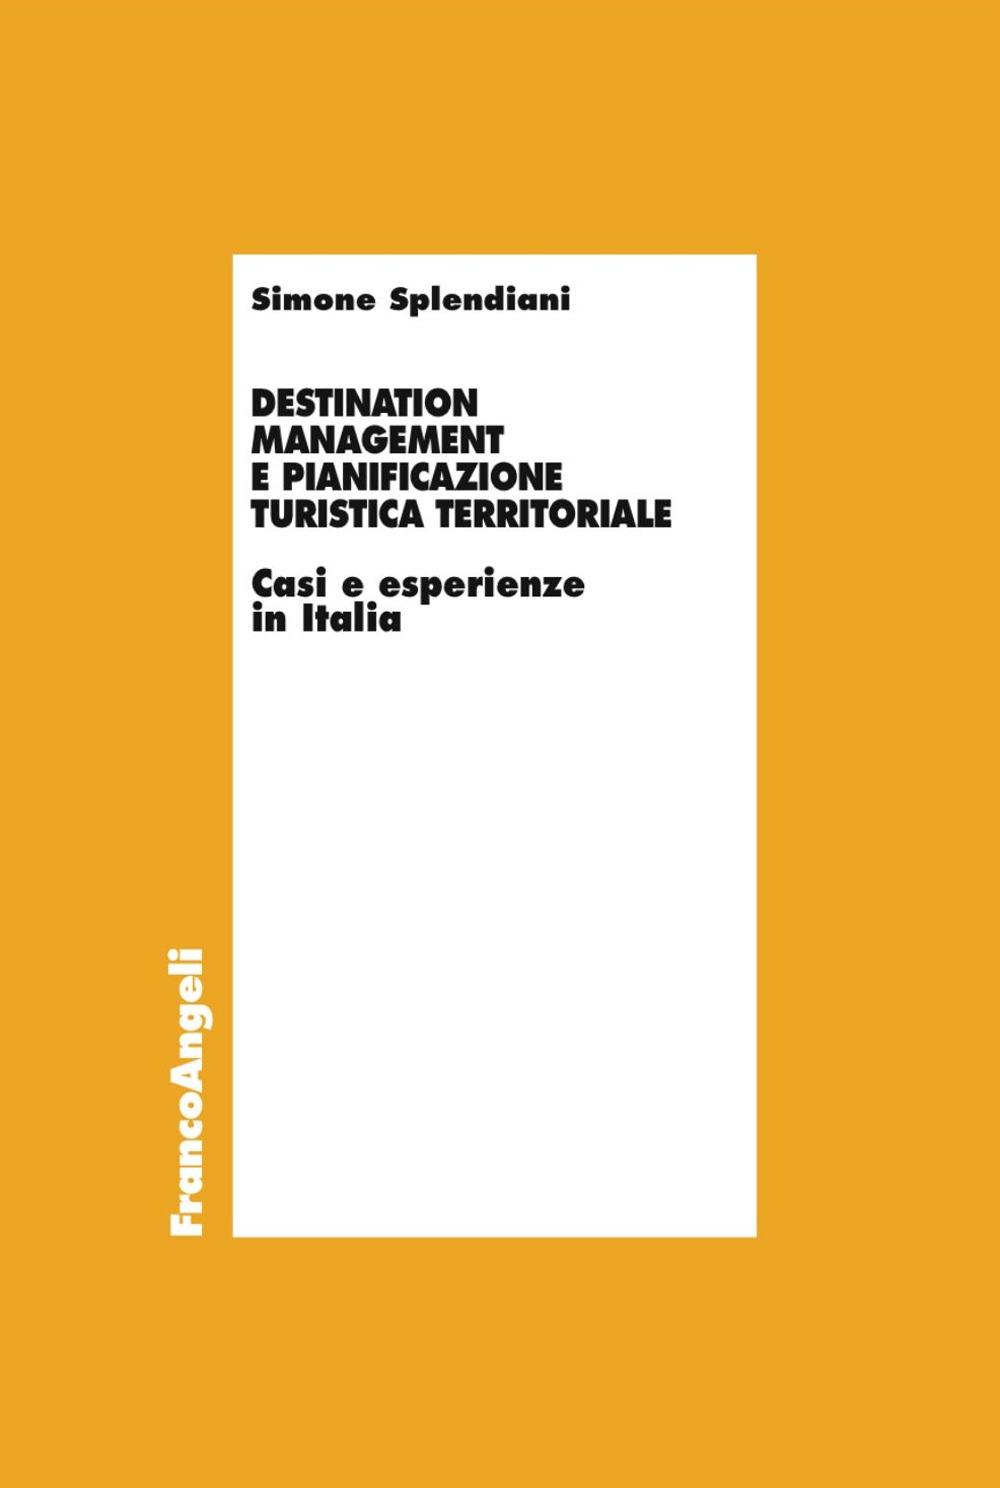 Destination management e pianificazione turistica territoriale. Casi e esperienze in Italia